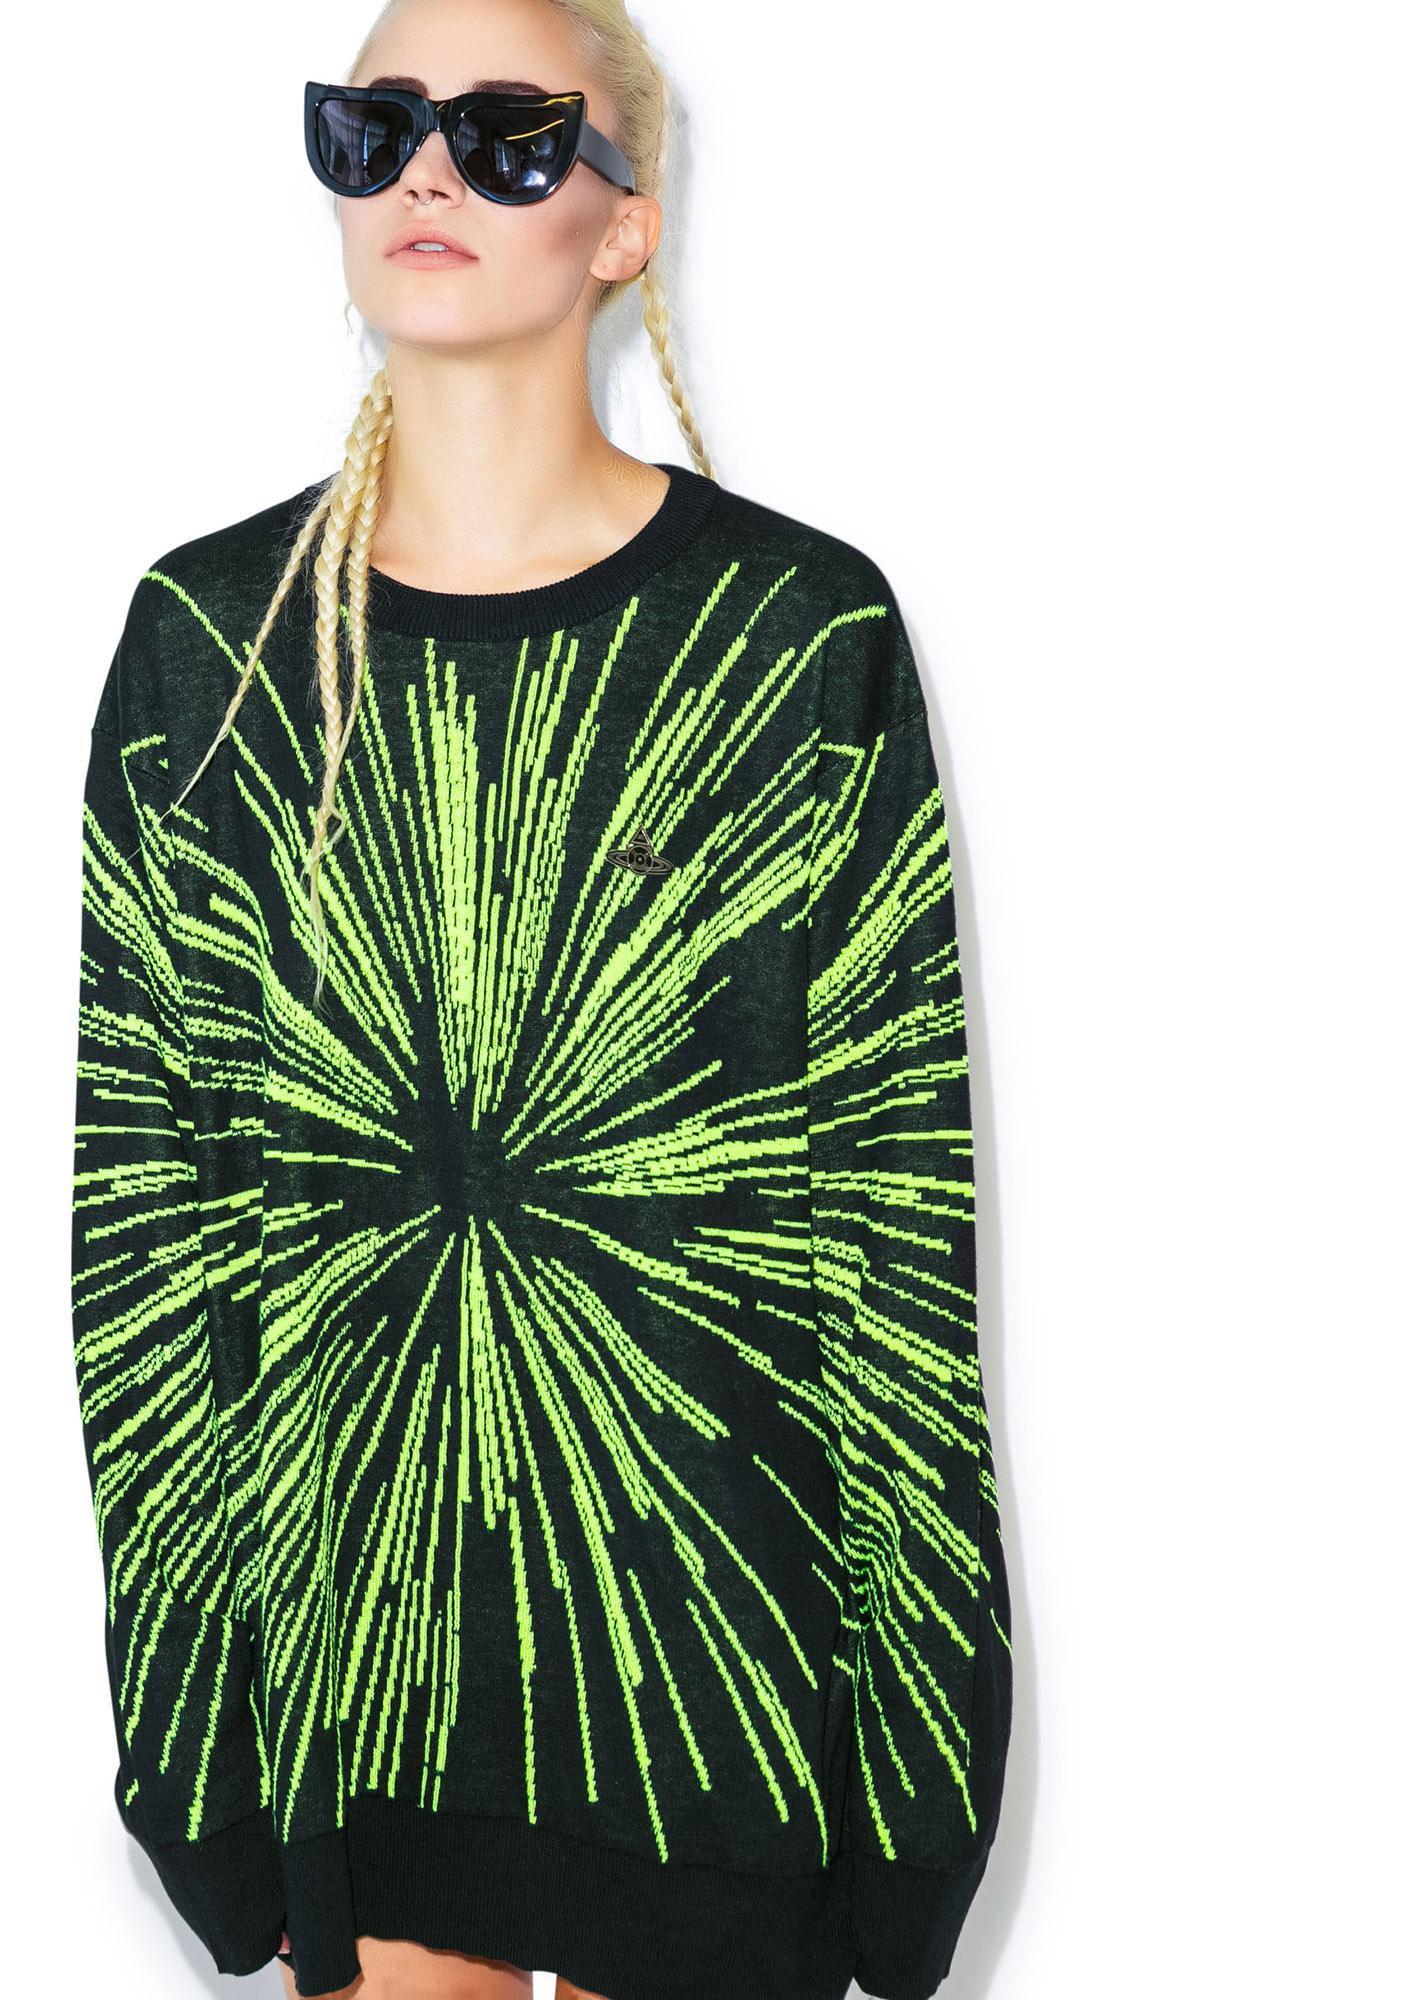 Lip Service Lightspeed Intarsia Pullover Sweater